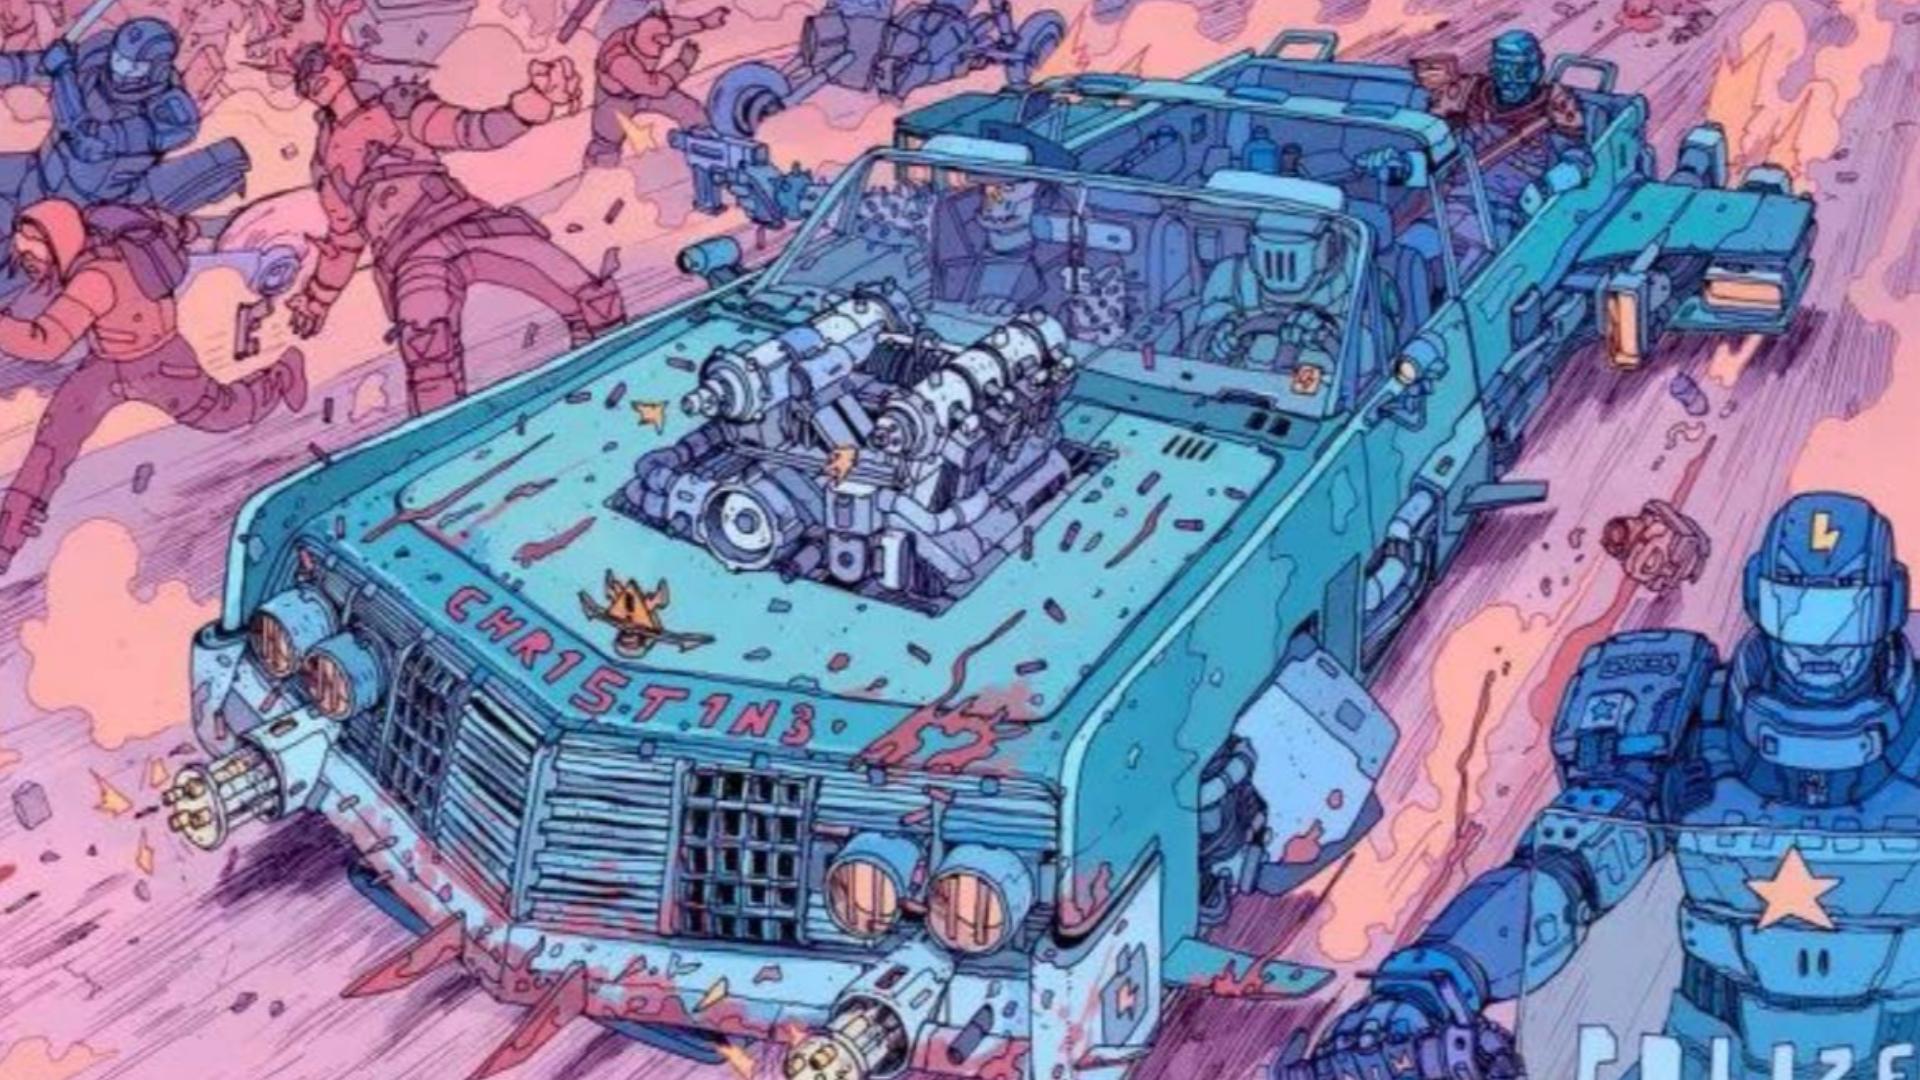 大师级动画吊打当今业界 精美机车作画 80s暴力摩托 复古未来 Synthwave